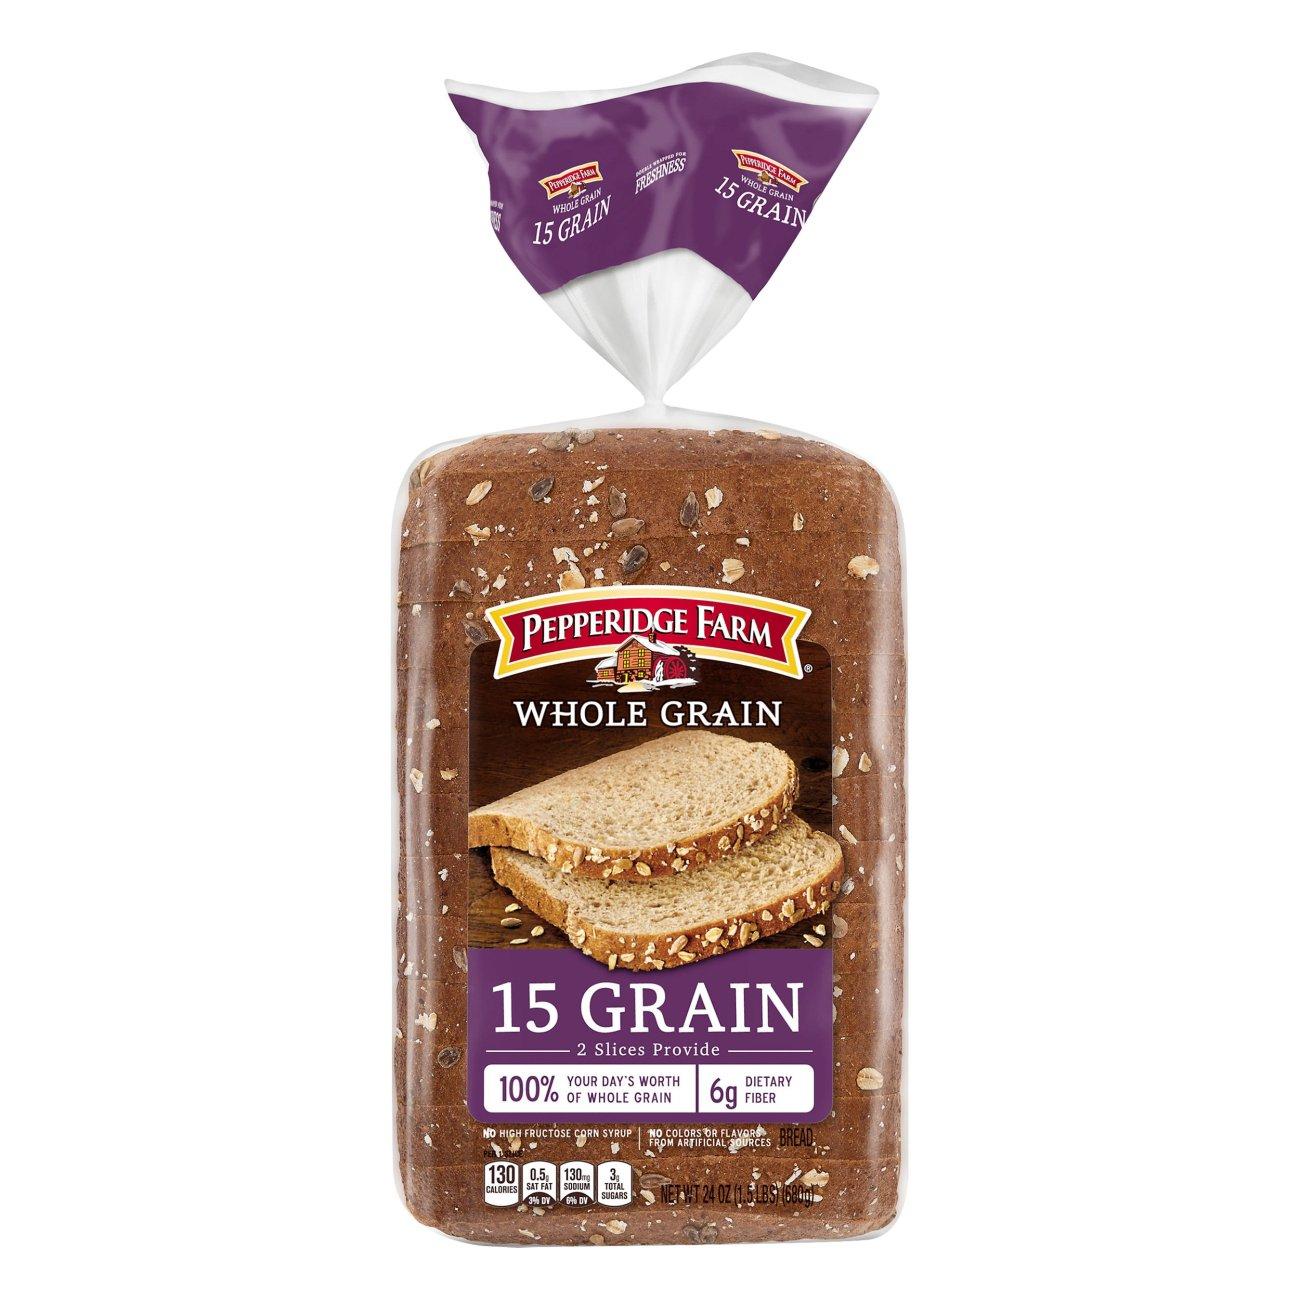 Pepperidge Farm Whole Grain 15 Grain Bread Shop Bread At H E B